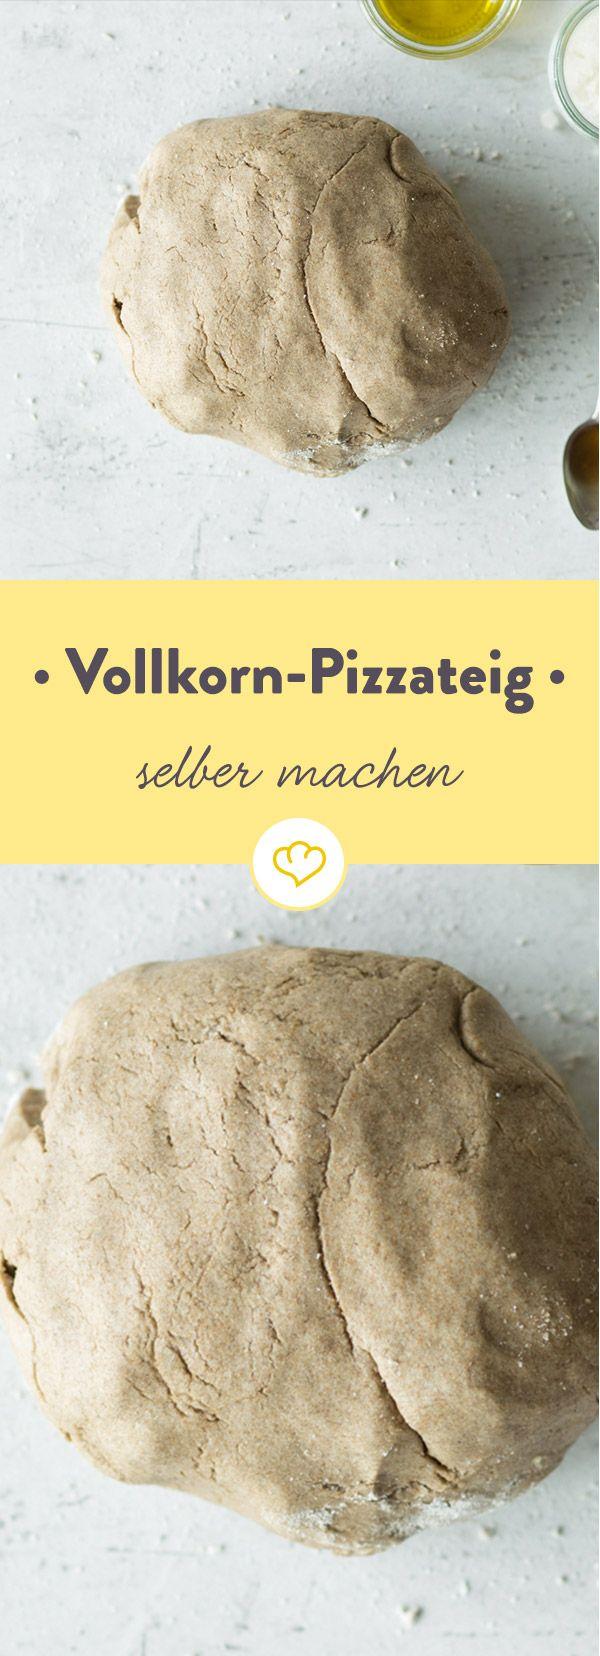 Selbstgemachter Vollkorn-Pizzateig mit Trockenhefe